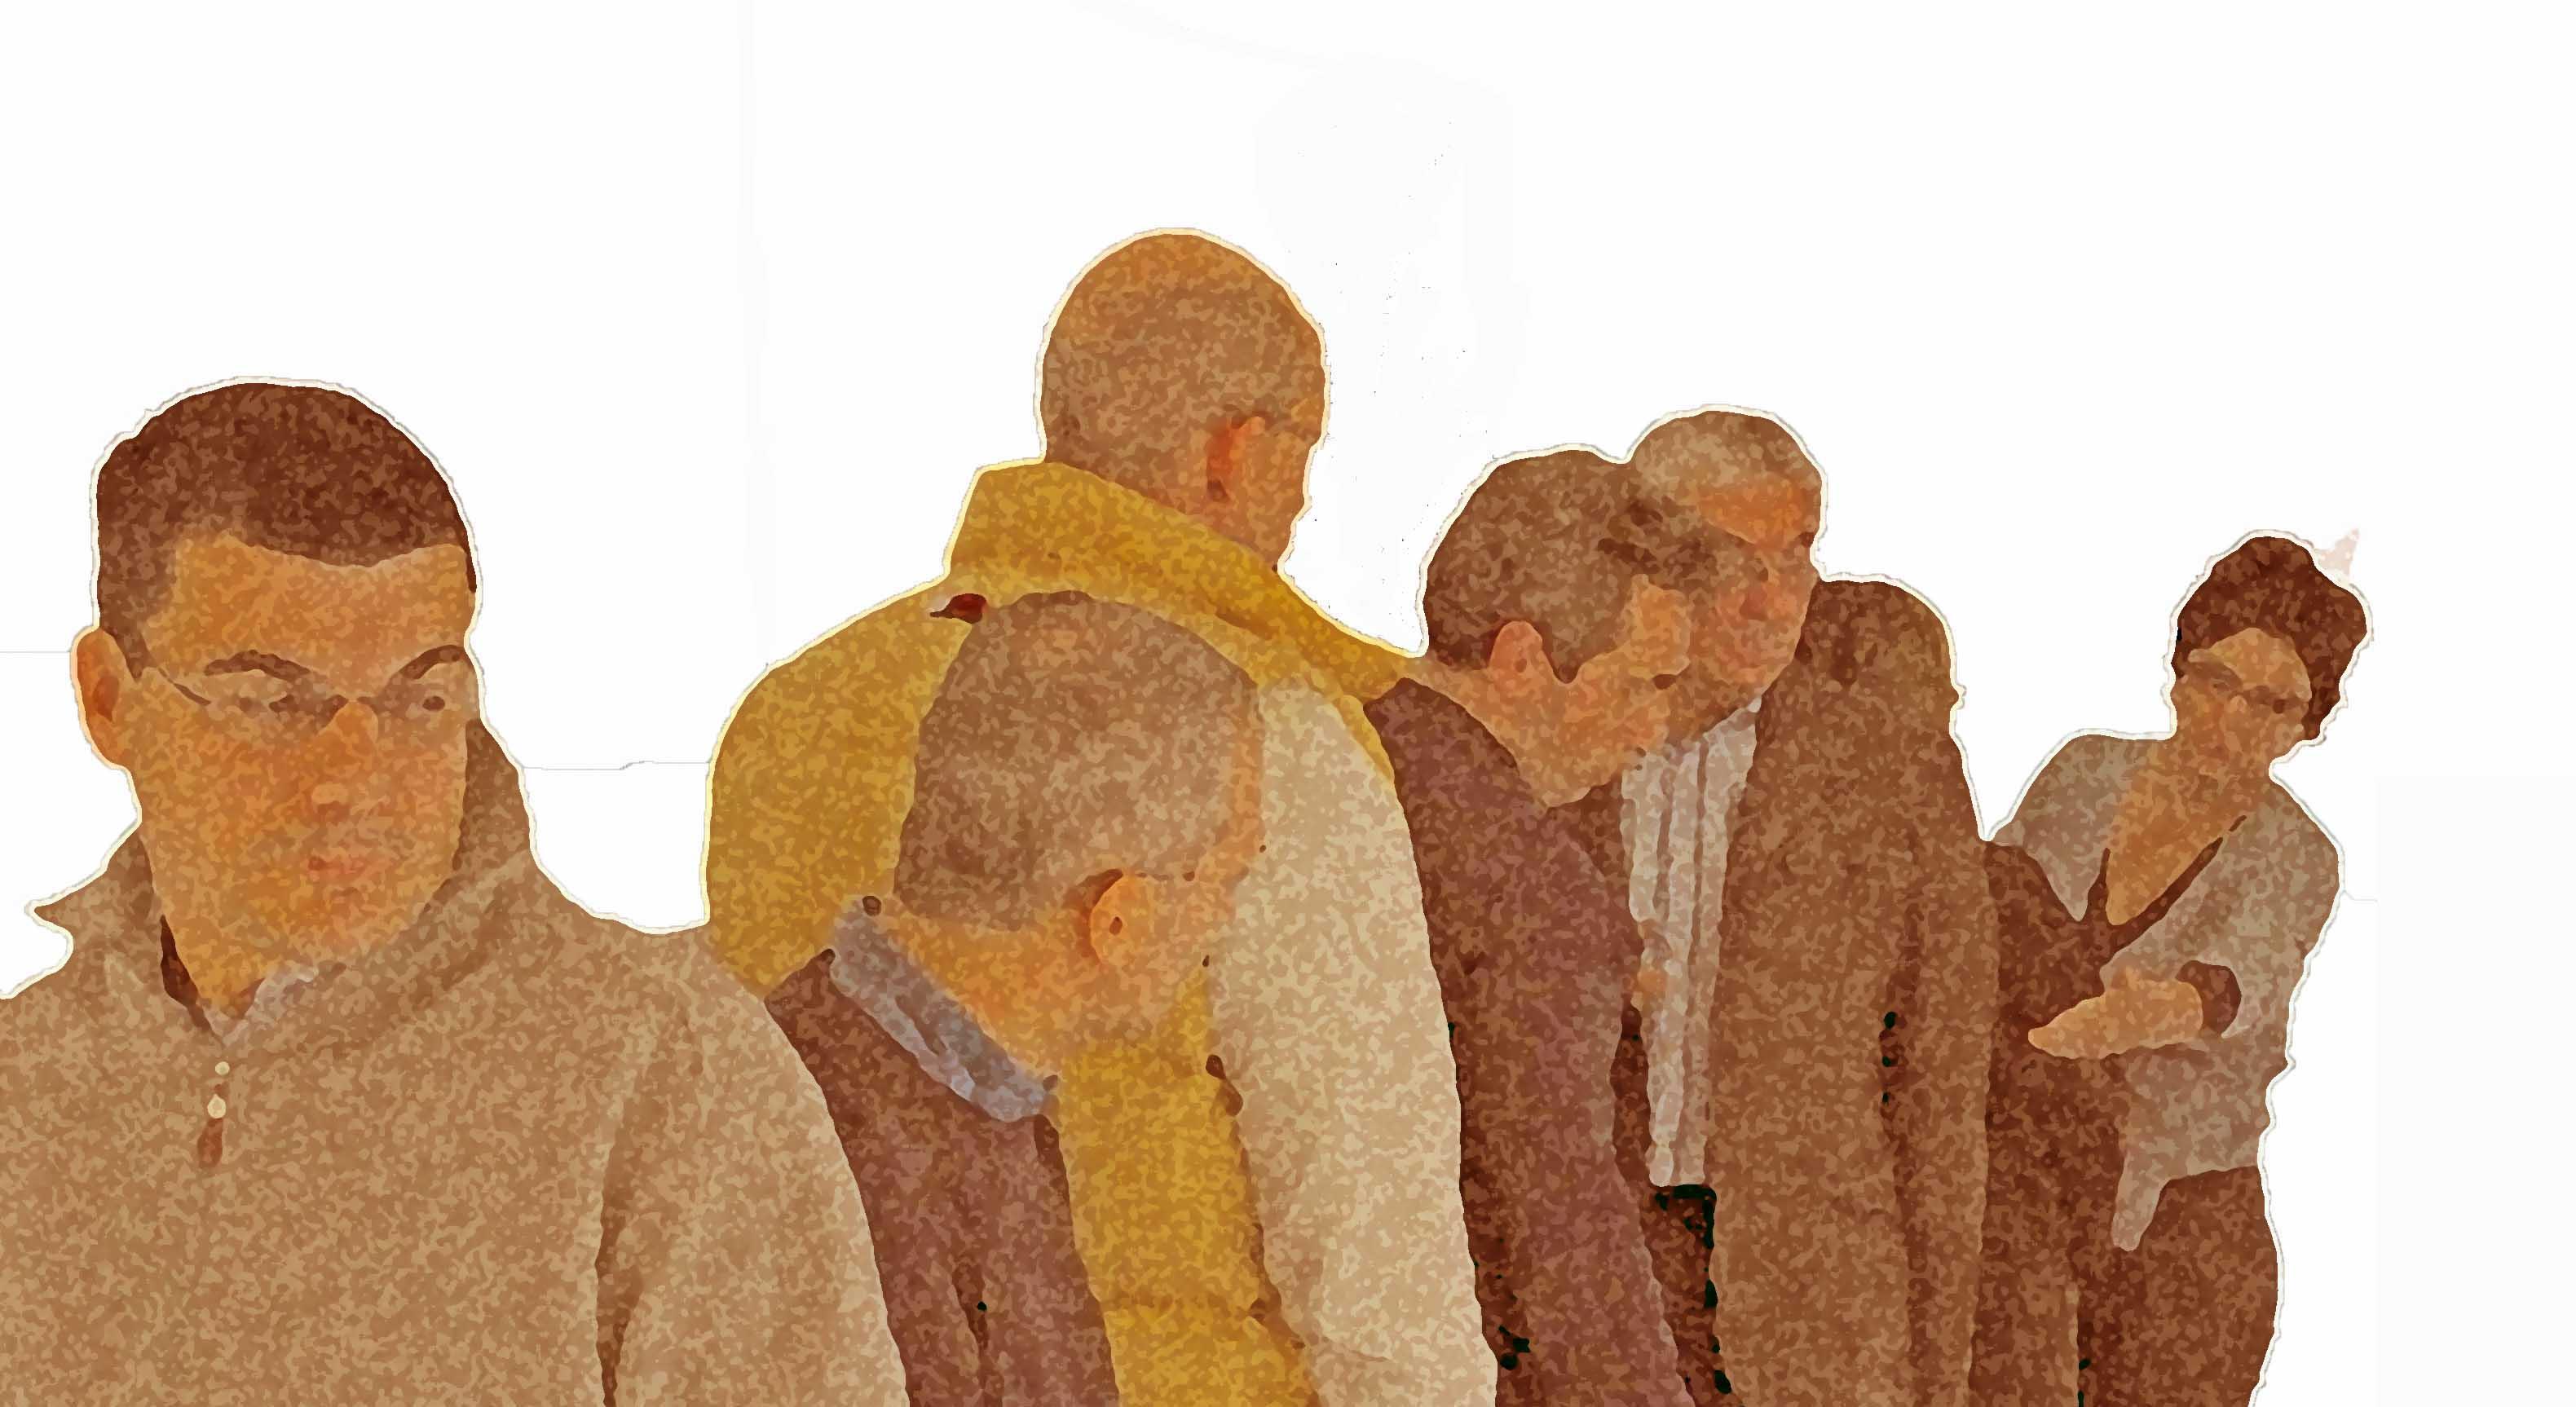 Una persona con sguardo di uno che prova sensi di colpa che cammina in direzione opposta alle altre persone